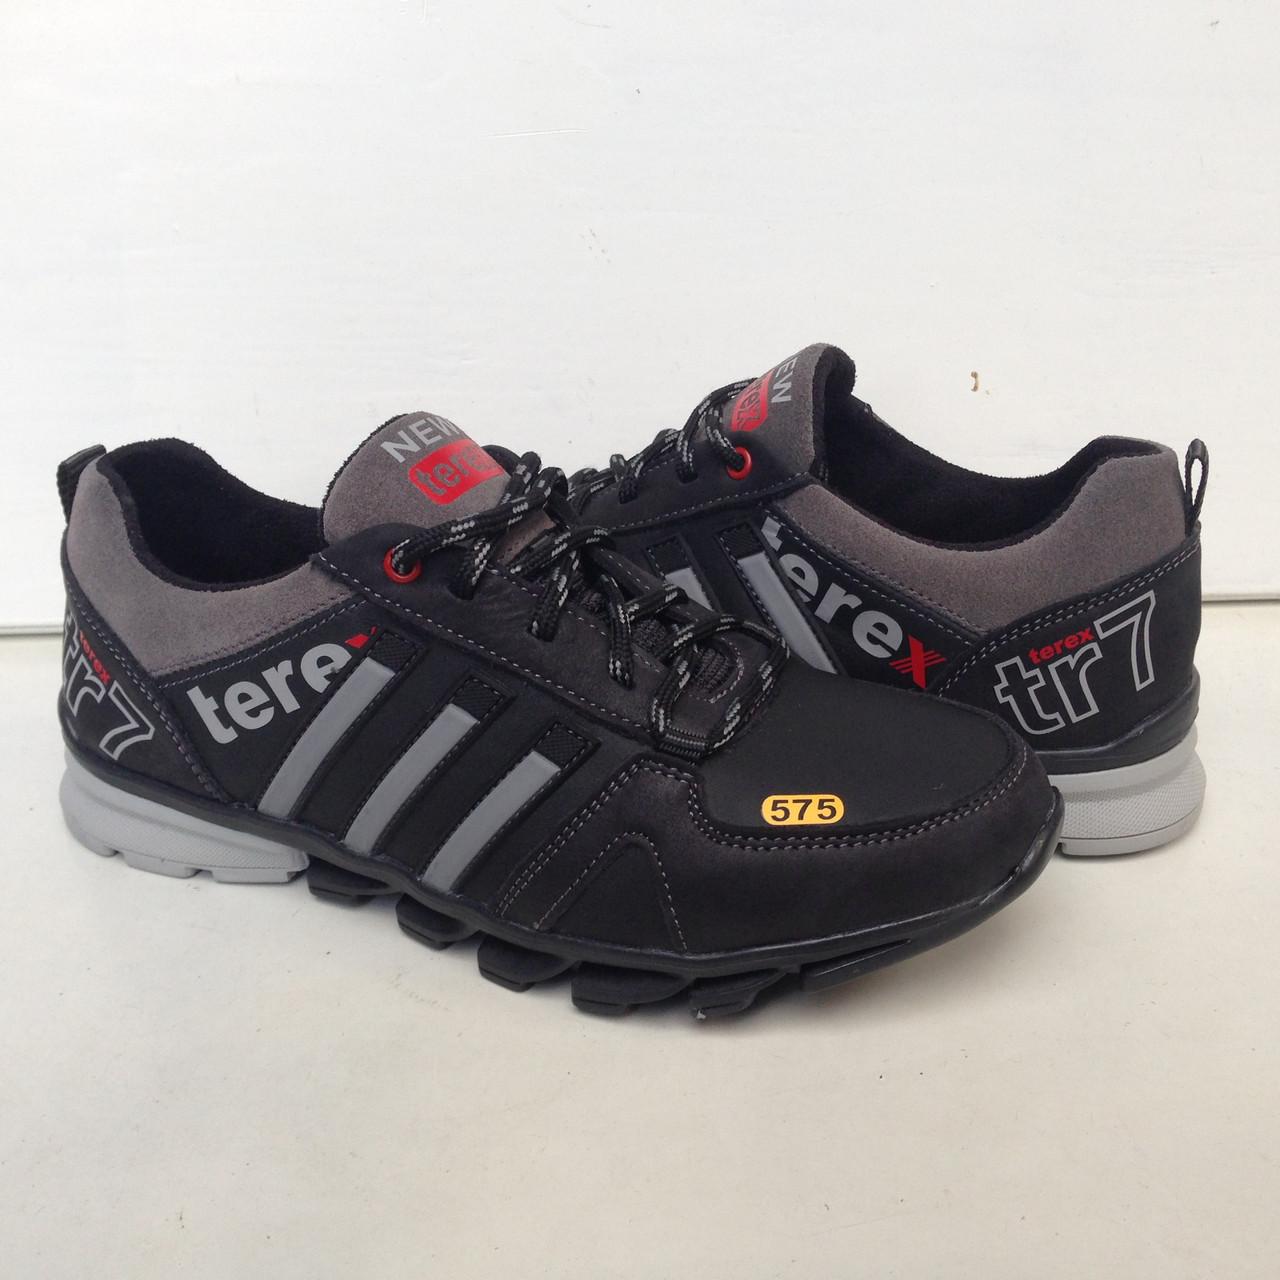 ab7217ef4 Кожаные кроссовки Terex подросток р. 37-39 - Мужская спортивная одежда в  Запорожье